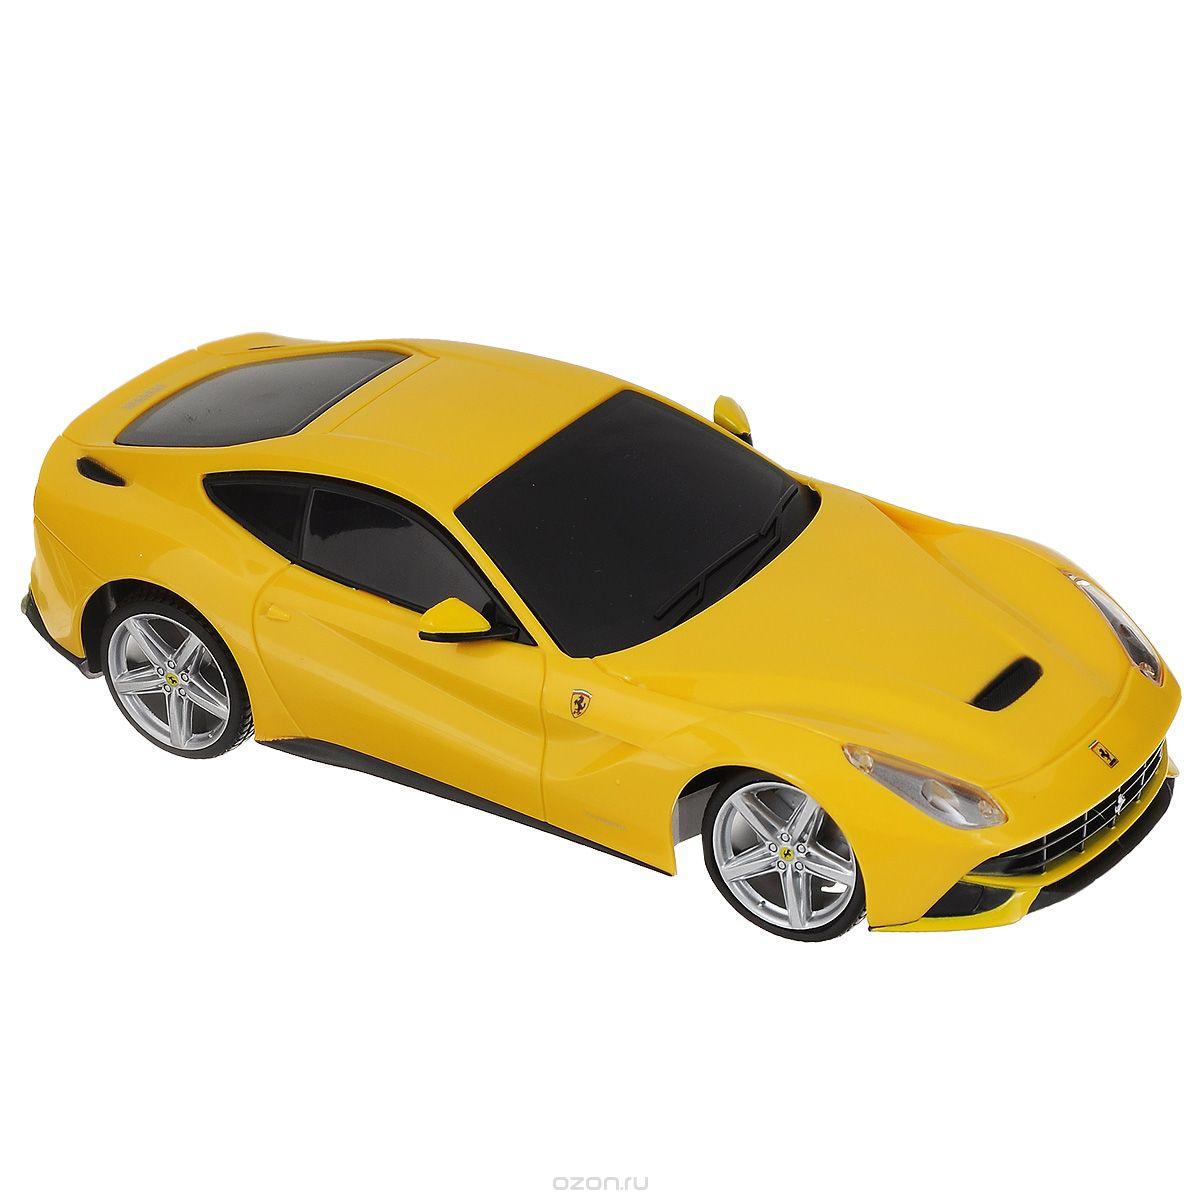 Maisto Радиоуправляемая модель Ferrari F12 Berlinetta цвет желтый масштаб 1:1481241_желтыйРадиоуправляемая модель Maisto Ferrari F12 Berlinetta с ярким привлекающим внимание дизайном обязательно понравится всем любителям гоночных автомобилей. Корпус выполнен из высококачественного пластика. Машина представляет собой копию, уменьшенную от реального прототипа в 14 раз. Машина высокодетализирована, с настоящими боковыми зеркалами, двери не открываются. Имеются световые эффекты: горят передние и задние фары. Двигается в нескольких направлениях: вперед, назад, вправо, влево. Автомобиль оснащен профессиональным передатчиком с частотой 27 MHz. Управление с помощью трехканального пульта управления (поставляется в комплекте). В комплекте инструкция по эксплуатации на русском языке. Для работы машины рекомендуется докупить 6 батареек напряжением 1,5V типа АА (товар комплектуется демонстрационными). Для работы пульта управления необходимо докупить 2 батарейки напряжением 1,5V типа ААА (товар комплектуется демонстрационными).